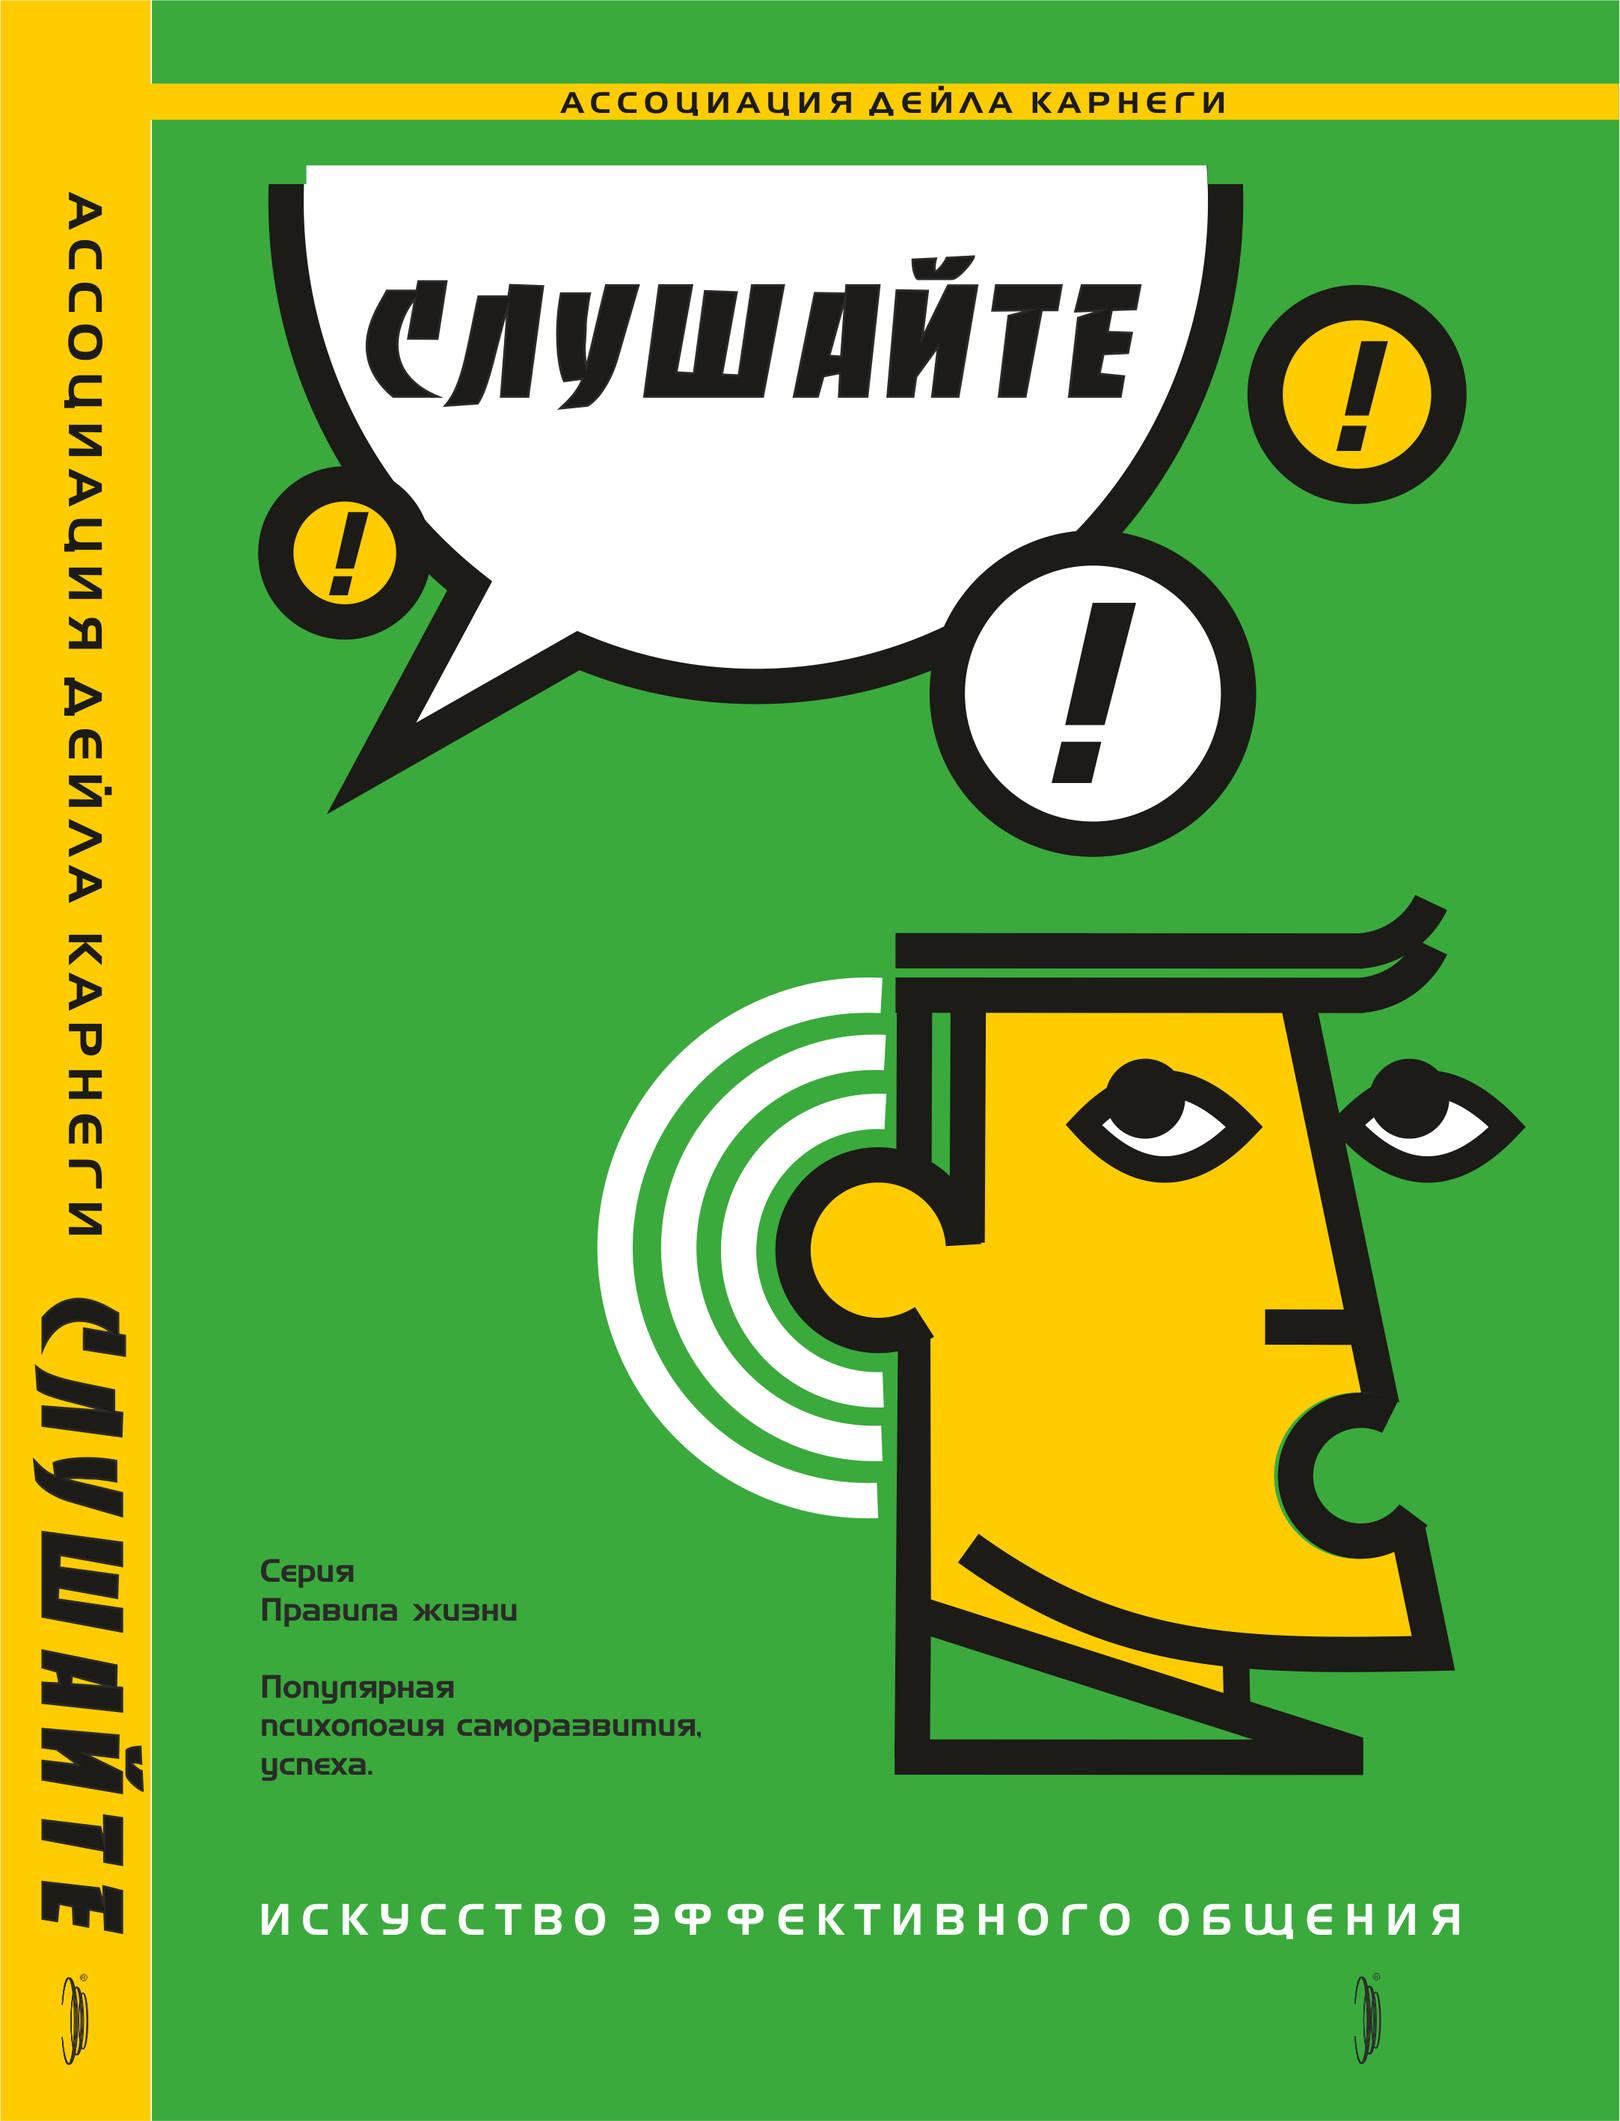 Обложка для серии книг по психологии общения.